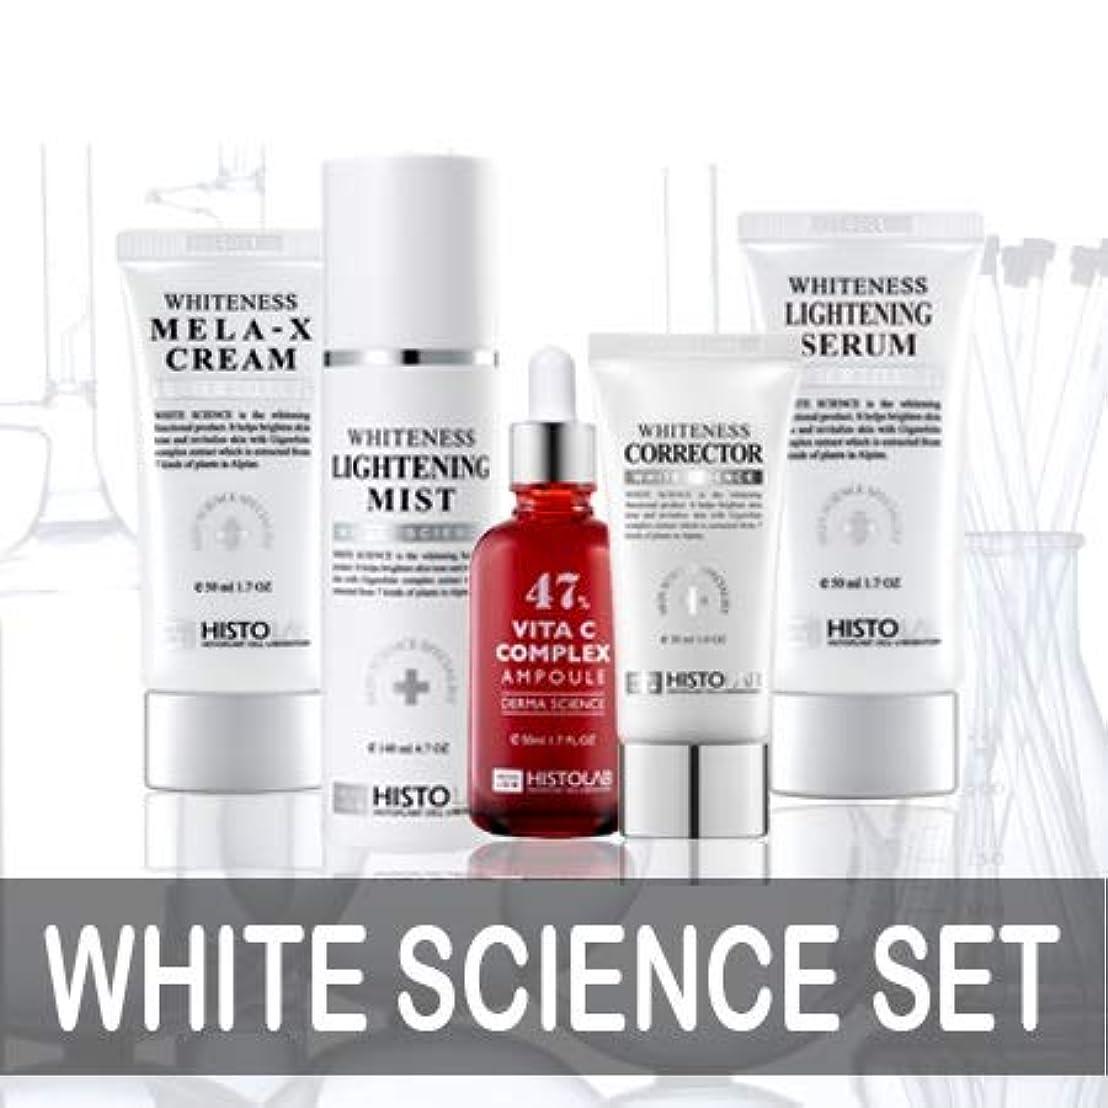 アラーム倒錯ゴールデン[Histolab][韓国コスメ]肌の美 白クリームセット/Special White Science Set ★1 White ンプル+4美 白クリームセット★無料サンプル★